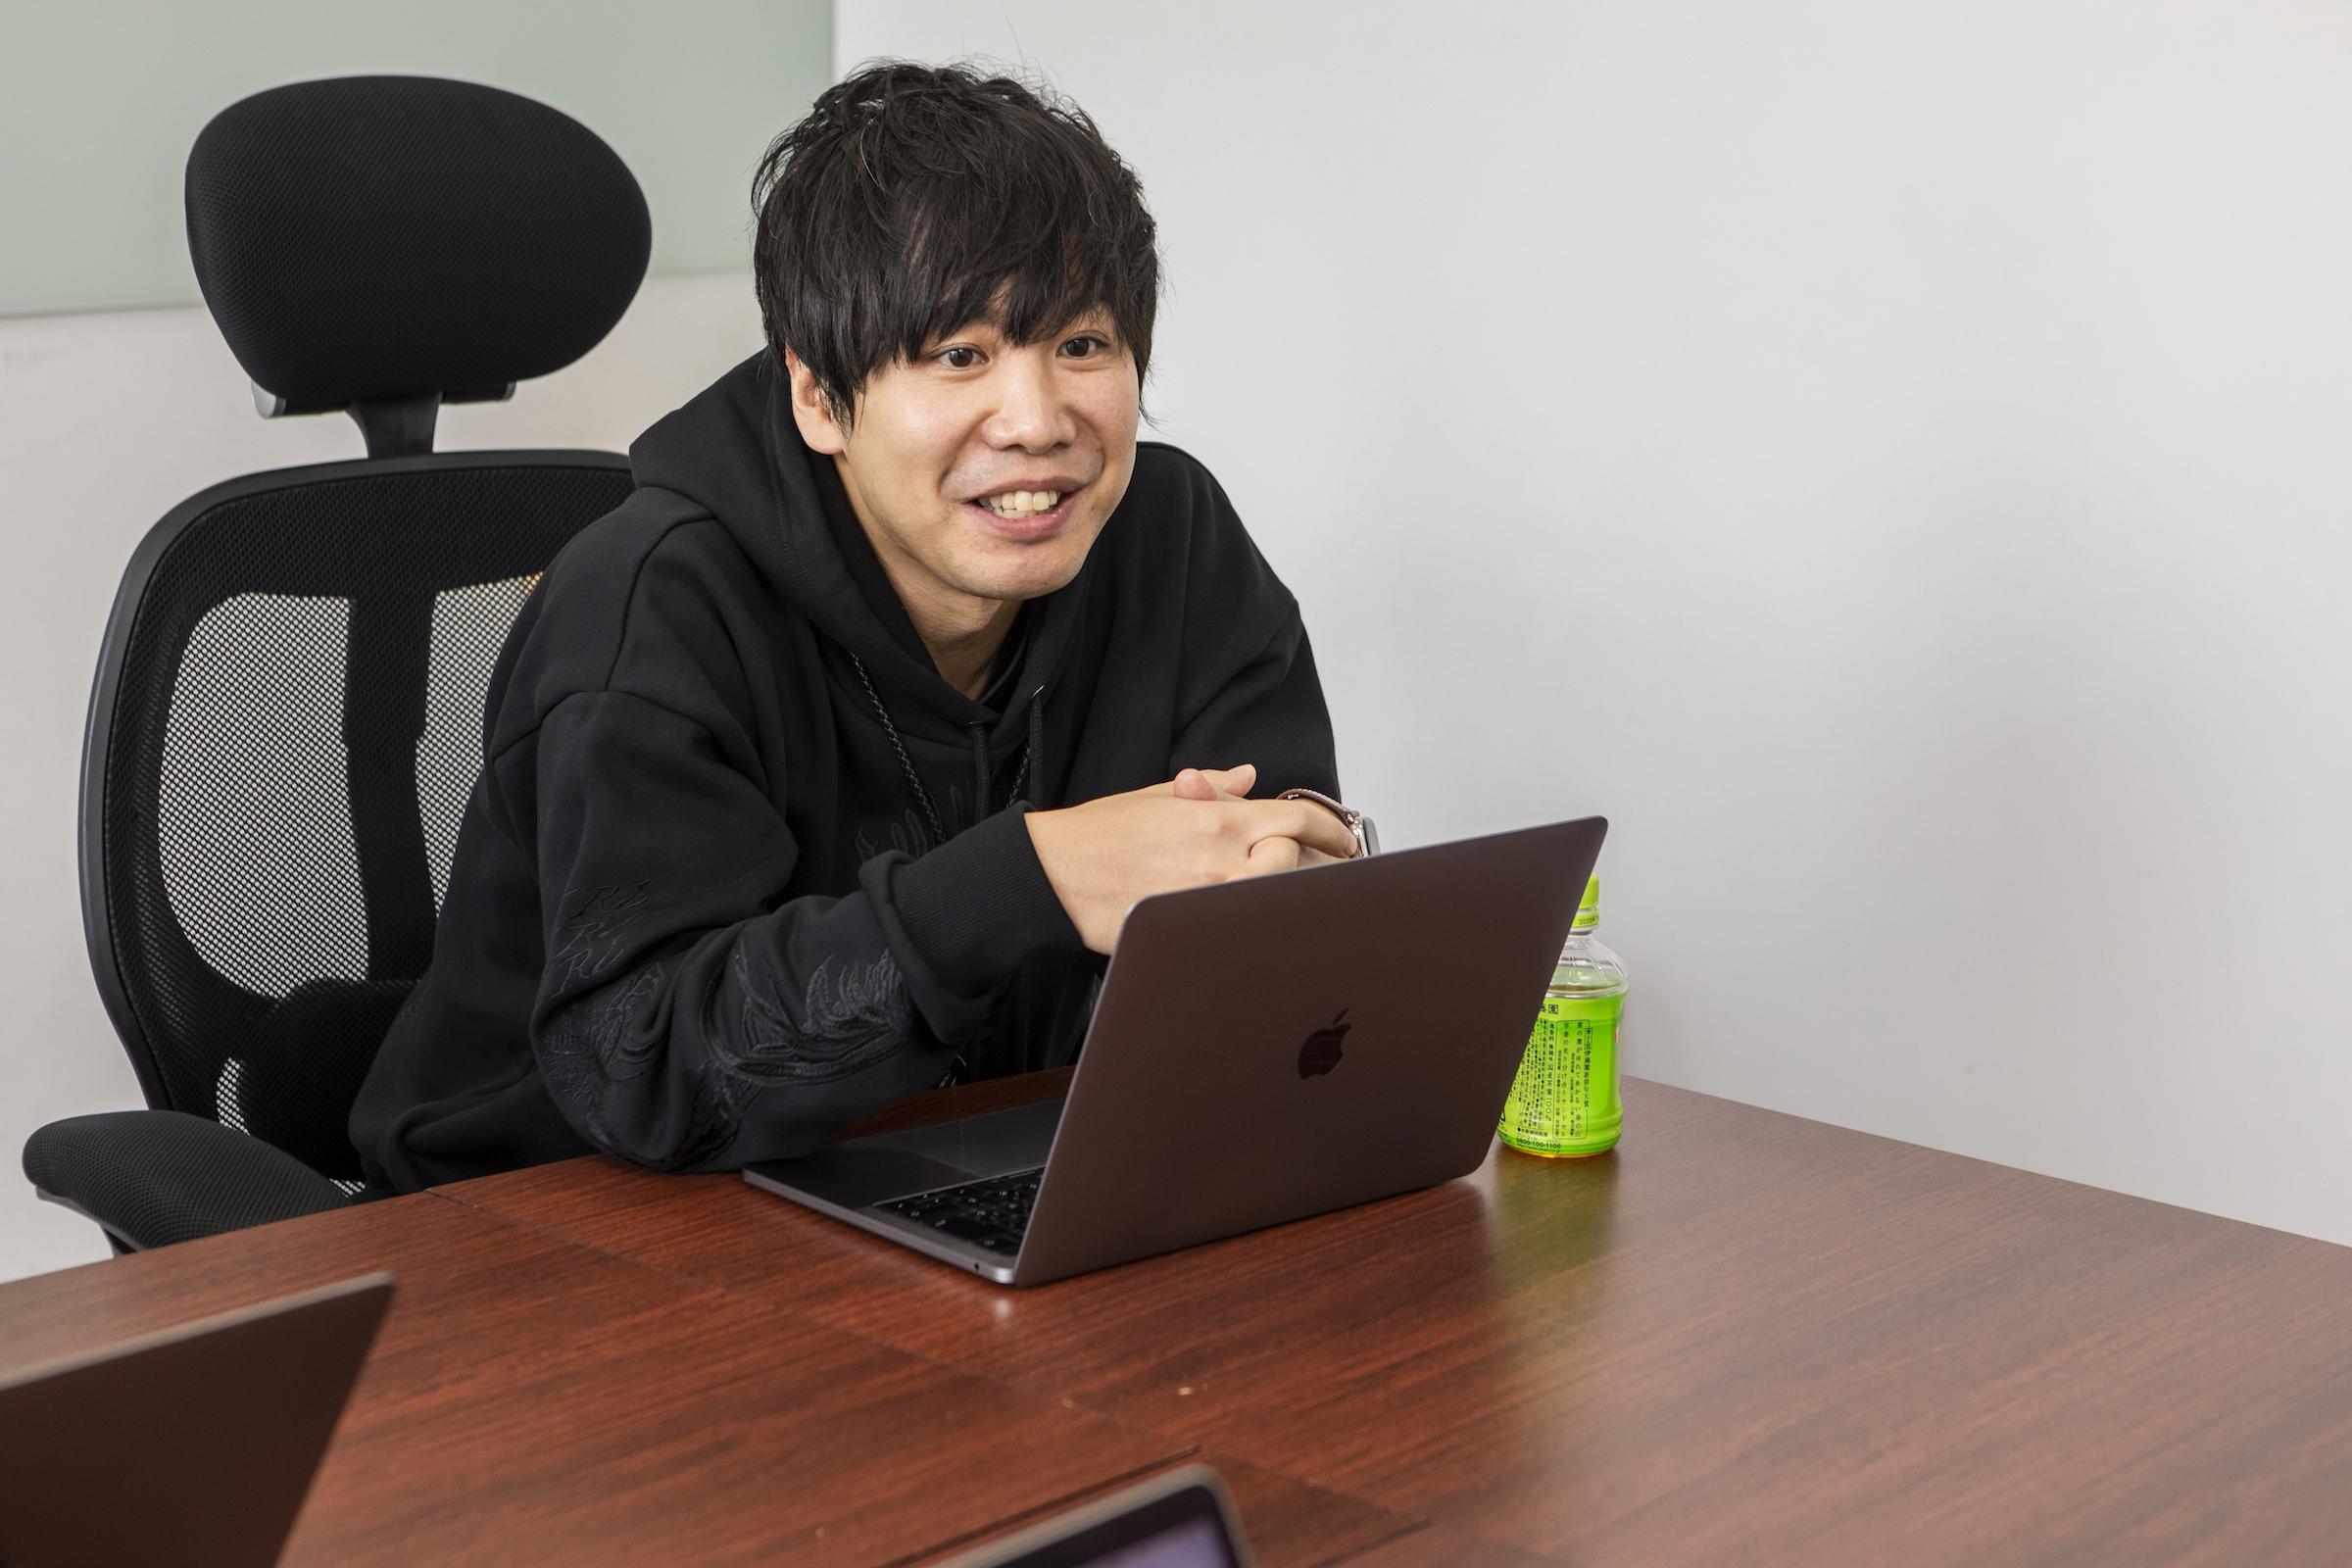 【吉田 裕紀さん】株式会社ベガコーポレーション執行役員 人事統括部長。 大学卒業後、株式会社リクルート(現:リクルートホールディングス)入社。 企業の人事支援を中心に行う。リクルートにてマネジメントを経験した後、2018年1月ベガコーポレーション入社。